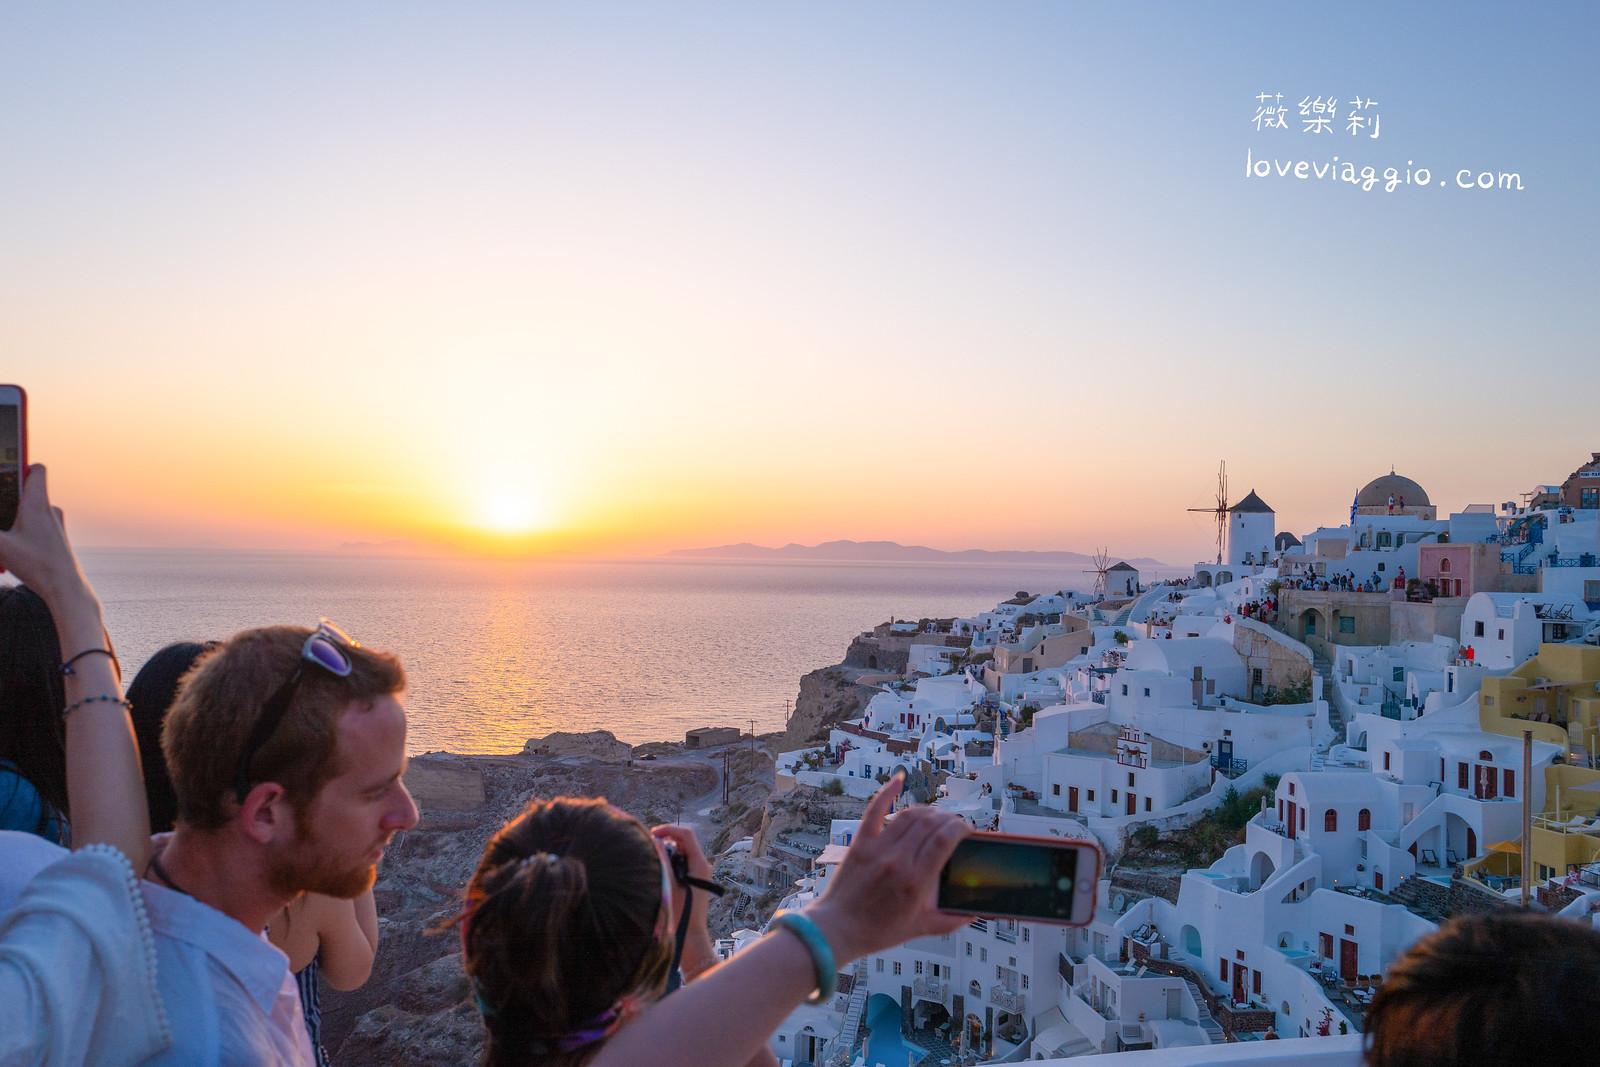 【希臘聖托里尼 Santorini】伊亞Oia夕陽 一生必看一次世界最美的夕陽 @薇樂莉 Love Viaggio | 旅行.生活.攝影